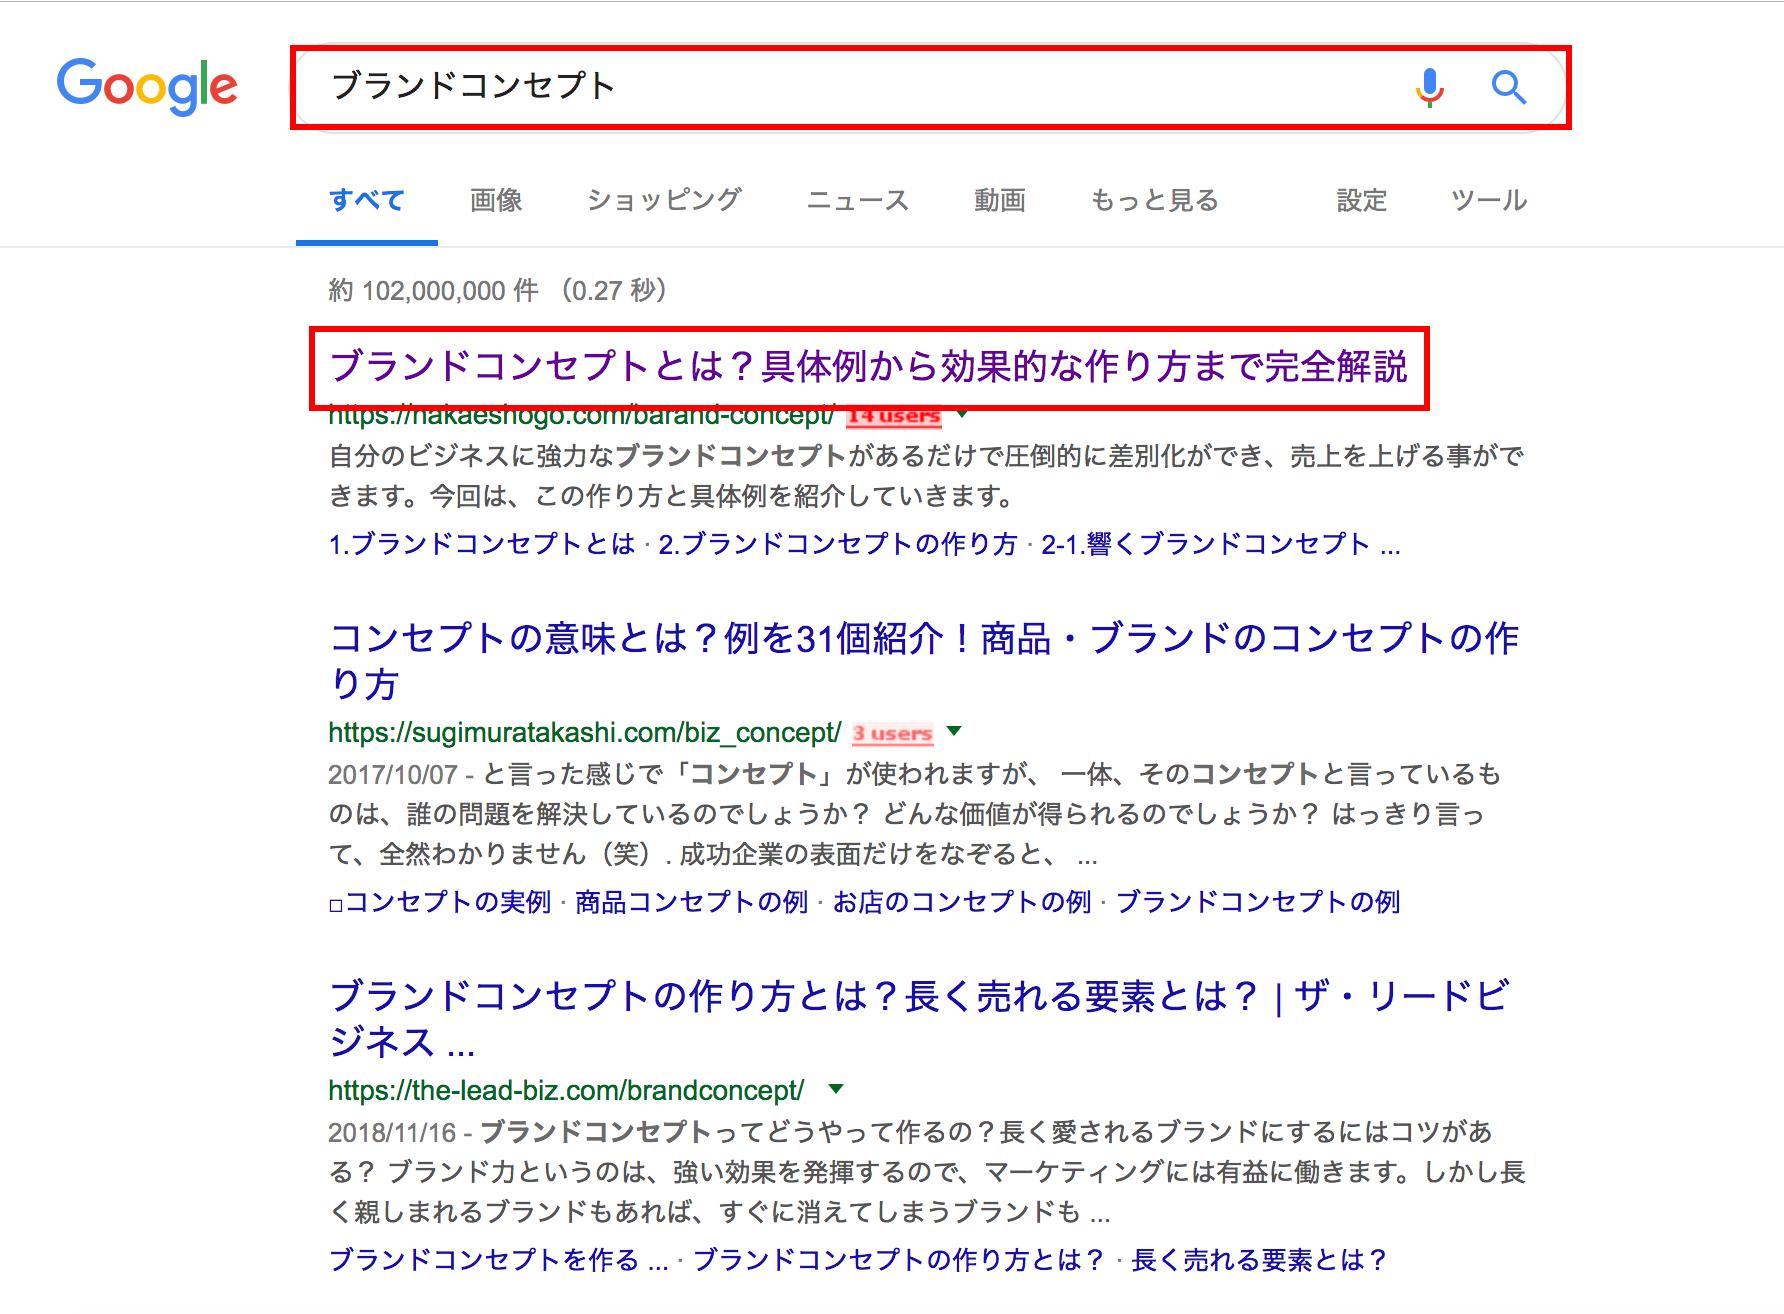 ブランドコンセプトの検索結果